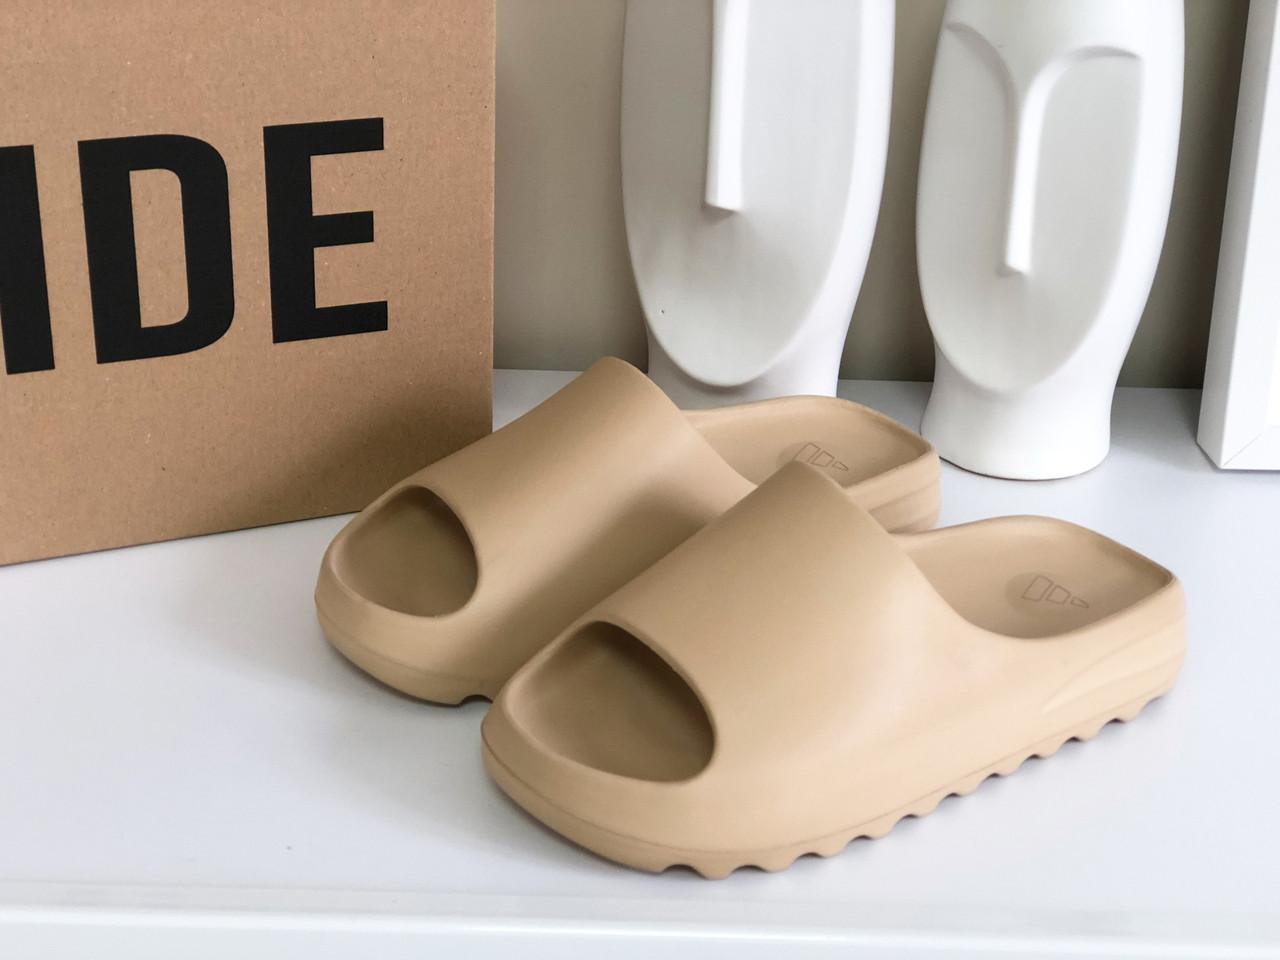 Мужские шлепки Adidas Yeezy SLIDES (бежевые) B10456 стильные летние тапочки